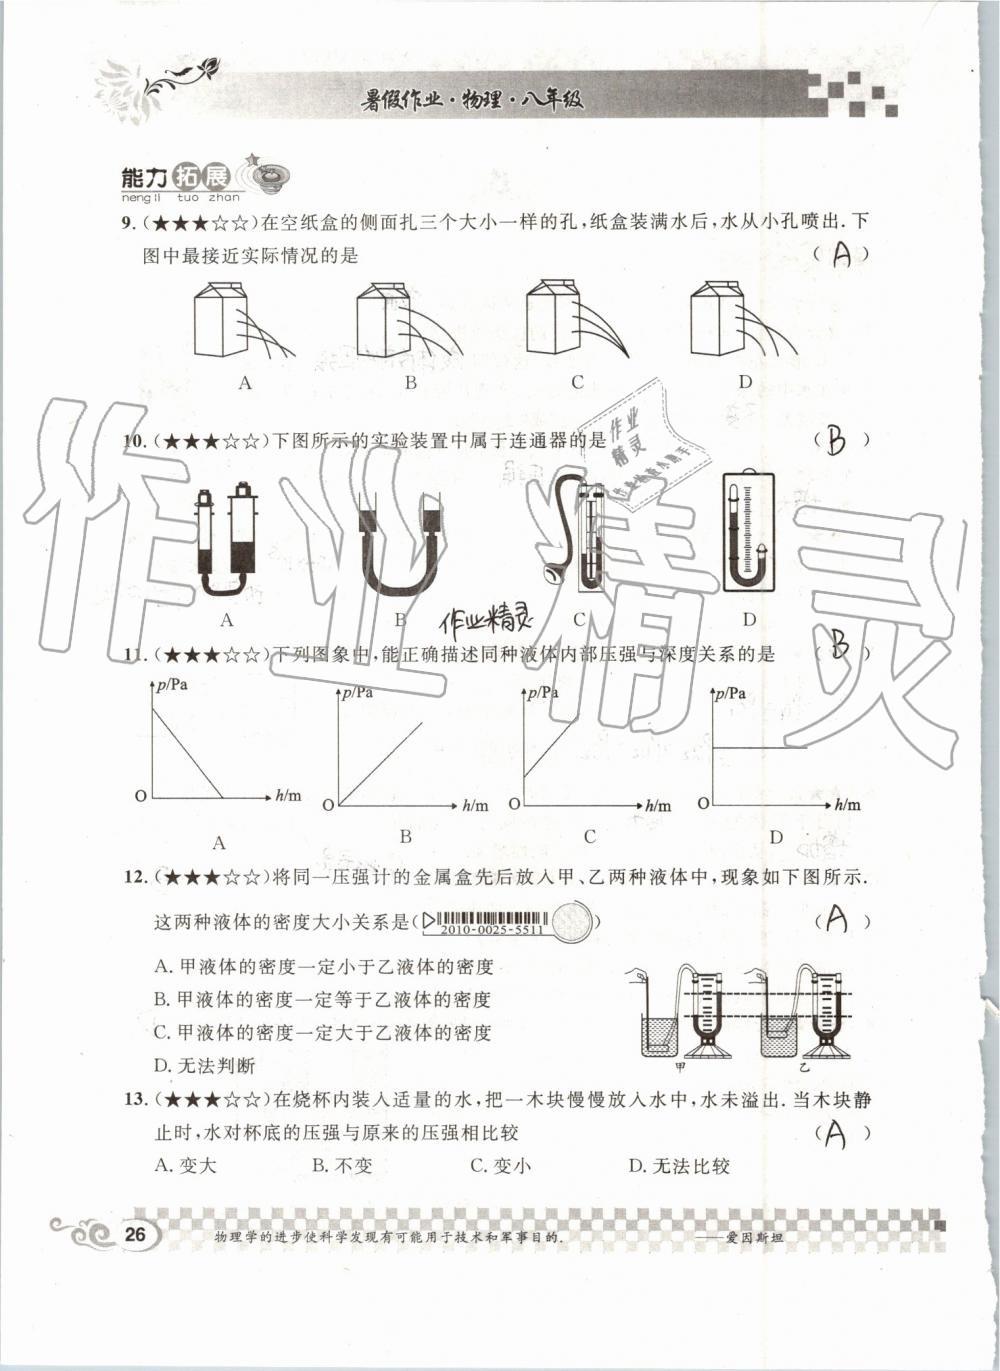 2019年长江暑假作业八年级物理崇文书局第26页